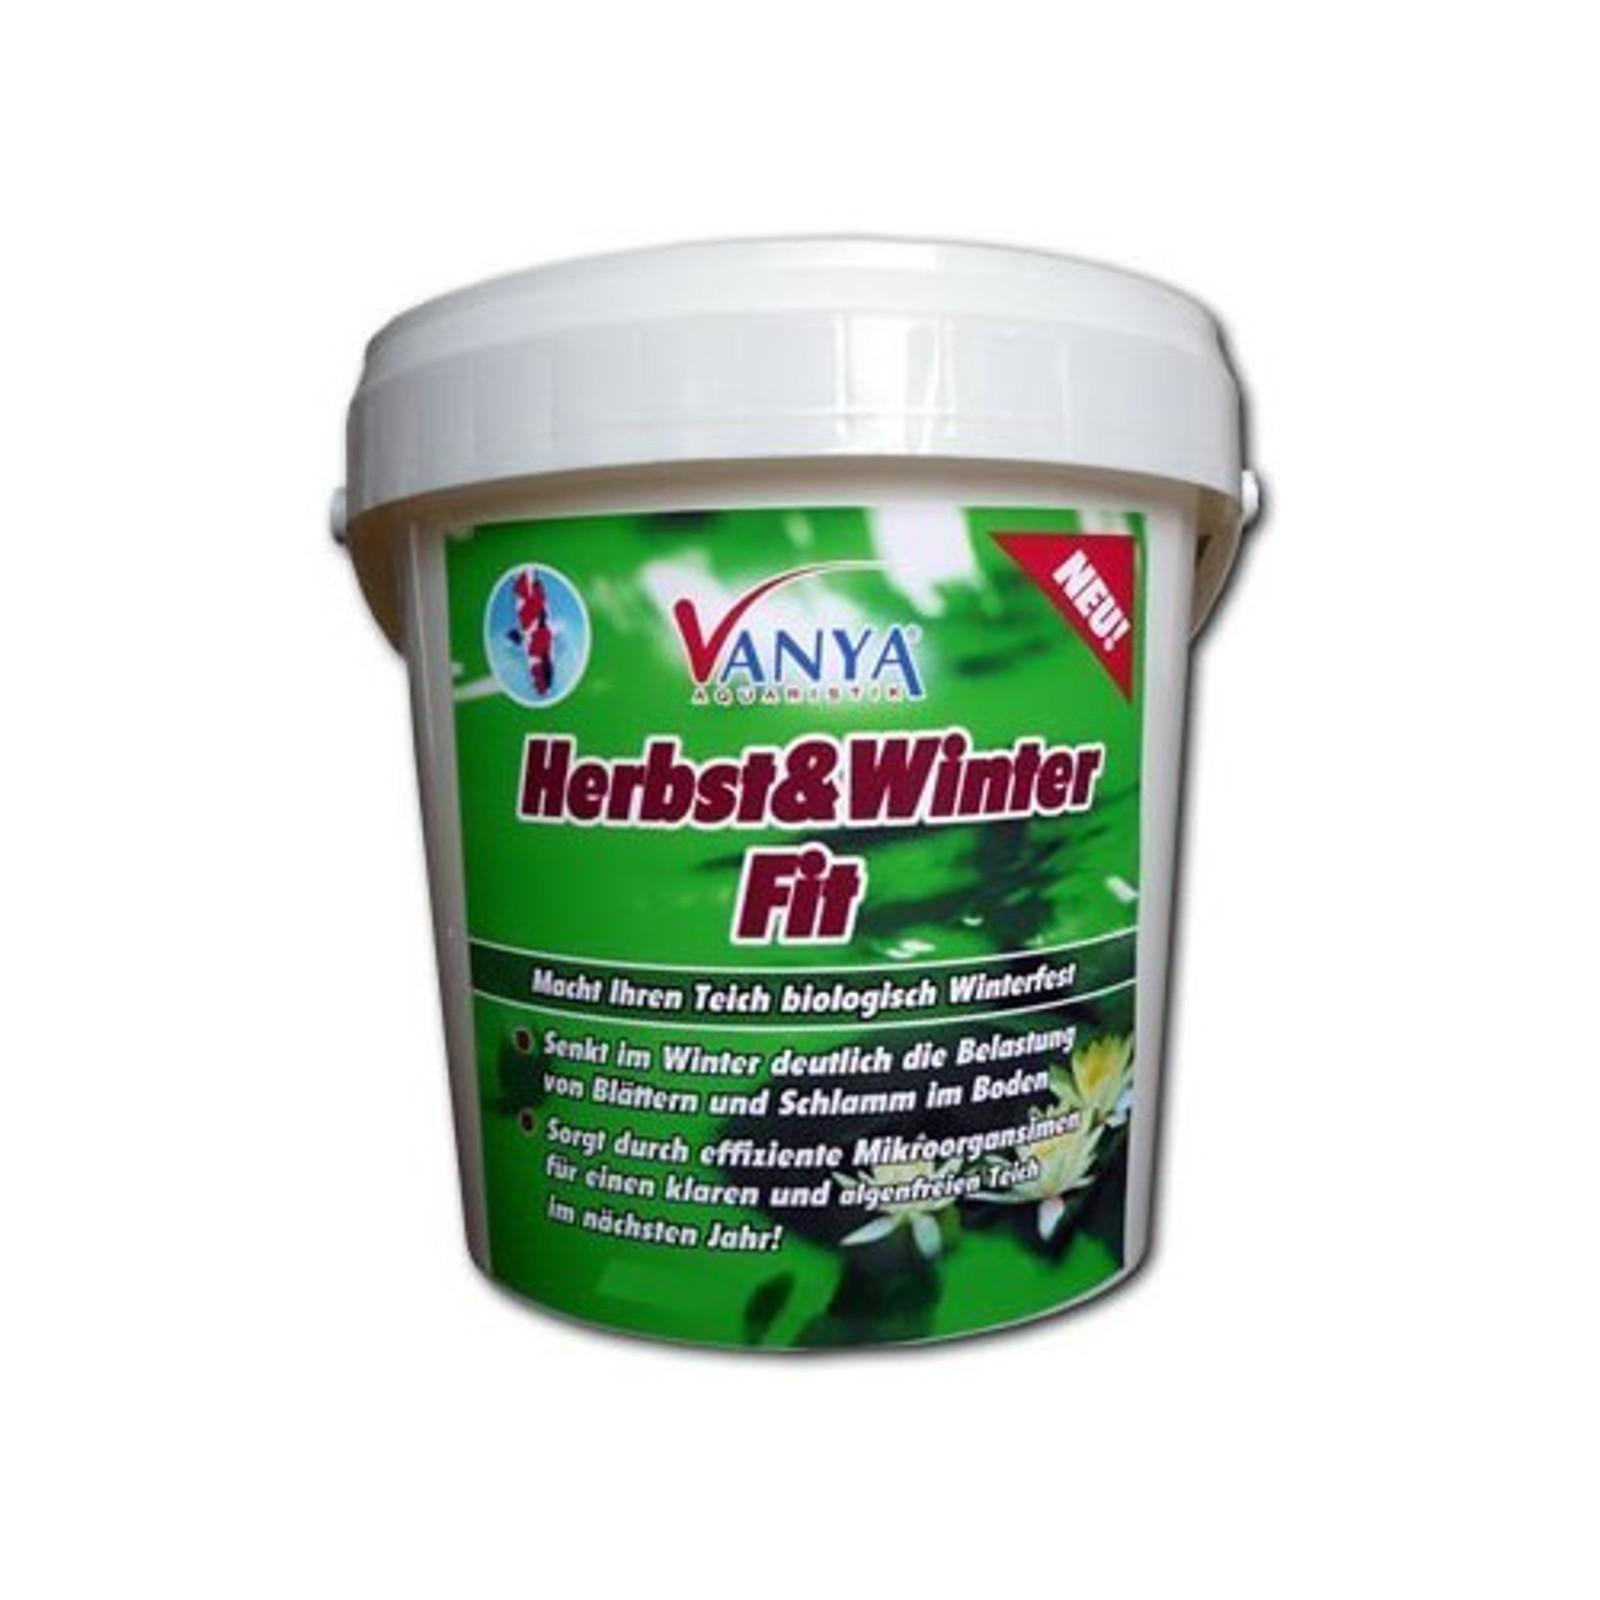 VANYA Herbst&WinterFit Wasseraufbereiter 6 kg